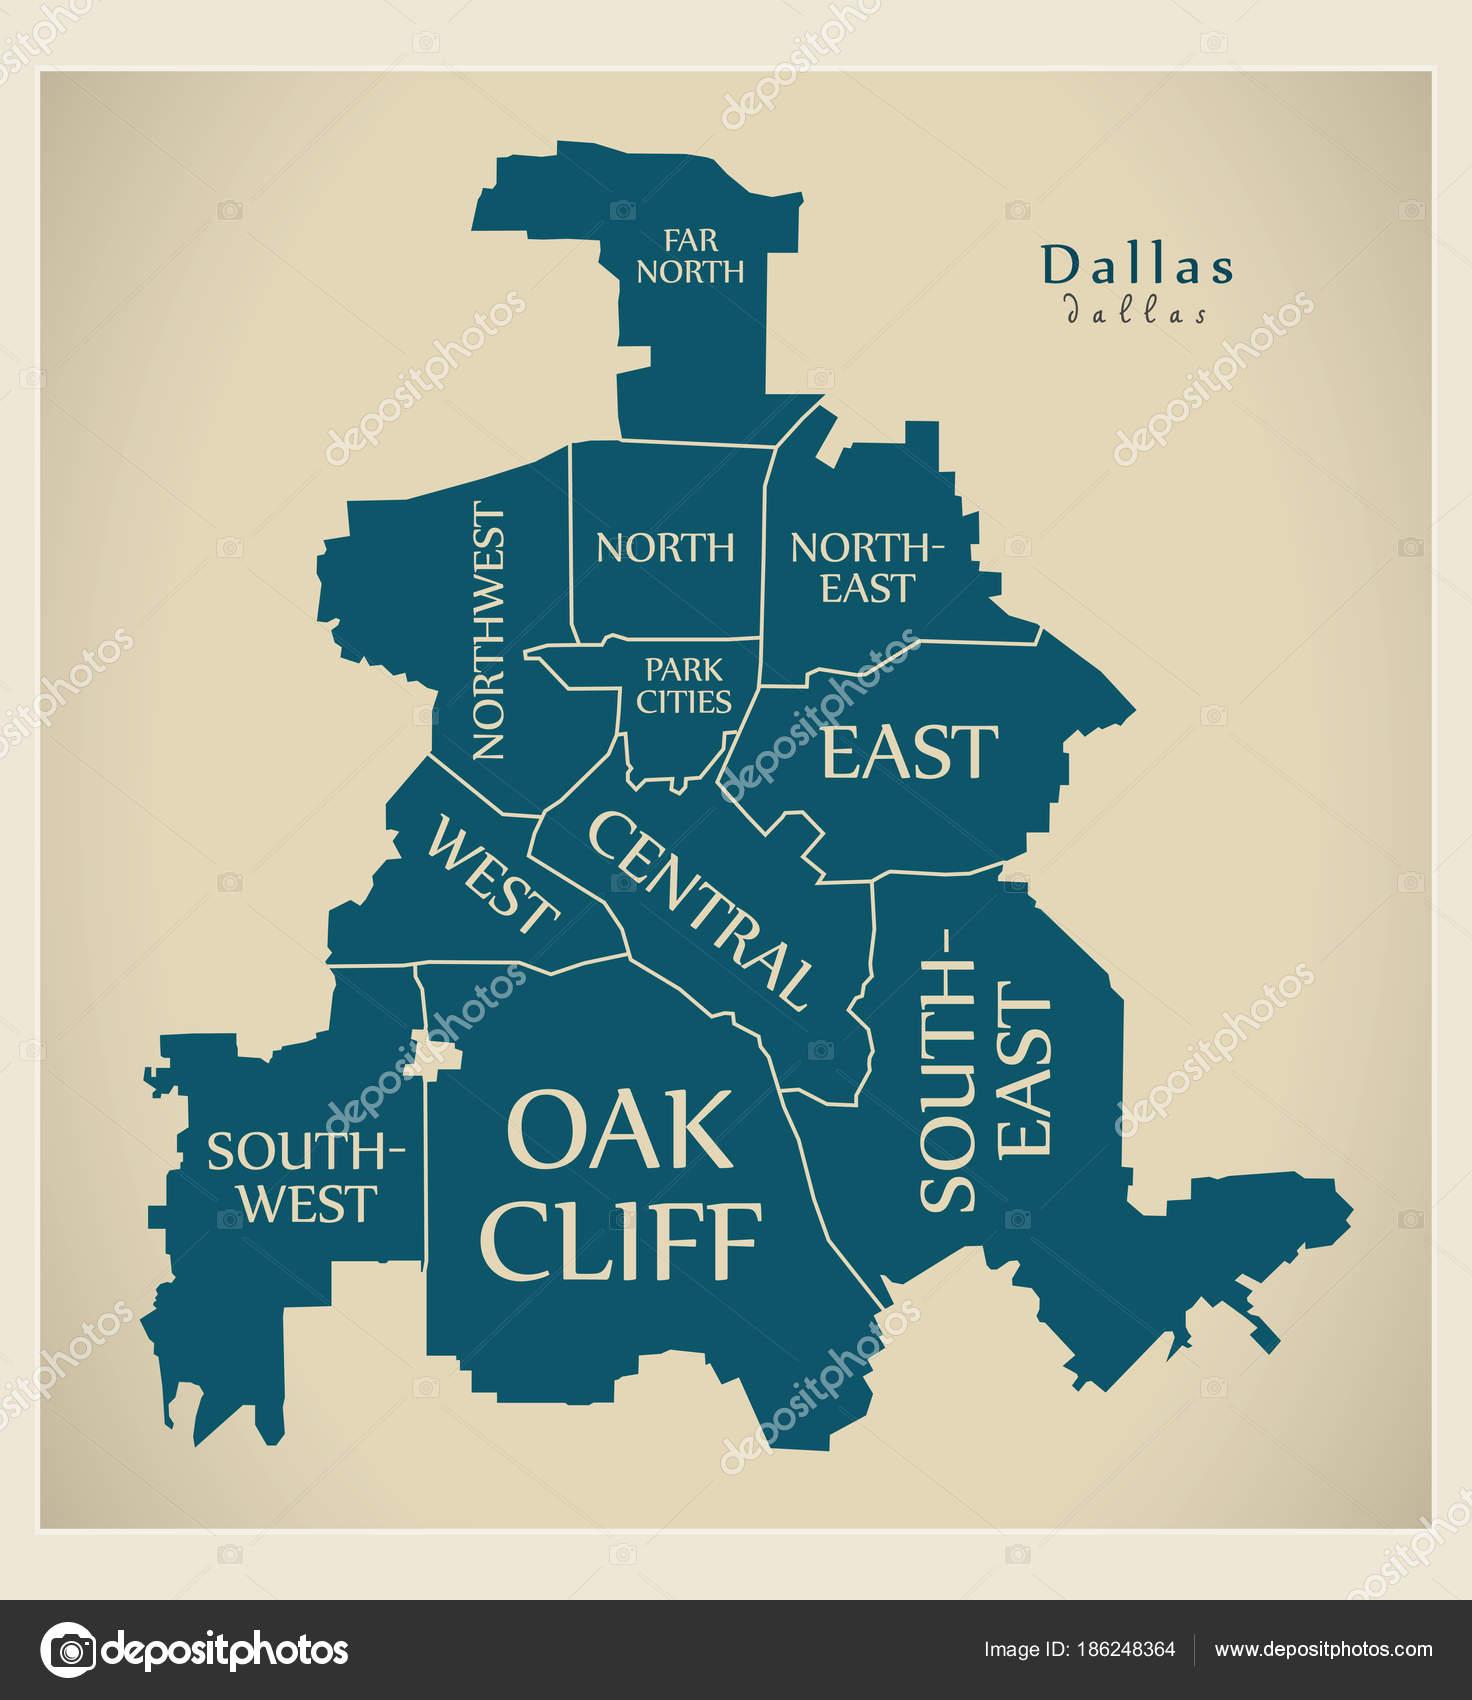 Moderne City Map - Dallas Texas Stadt der Usa mit Bezirken und ... on